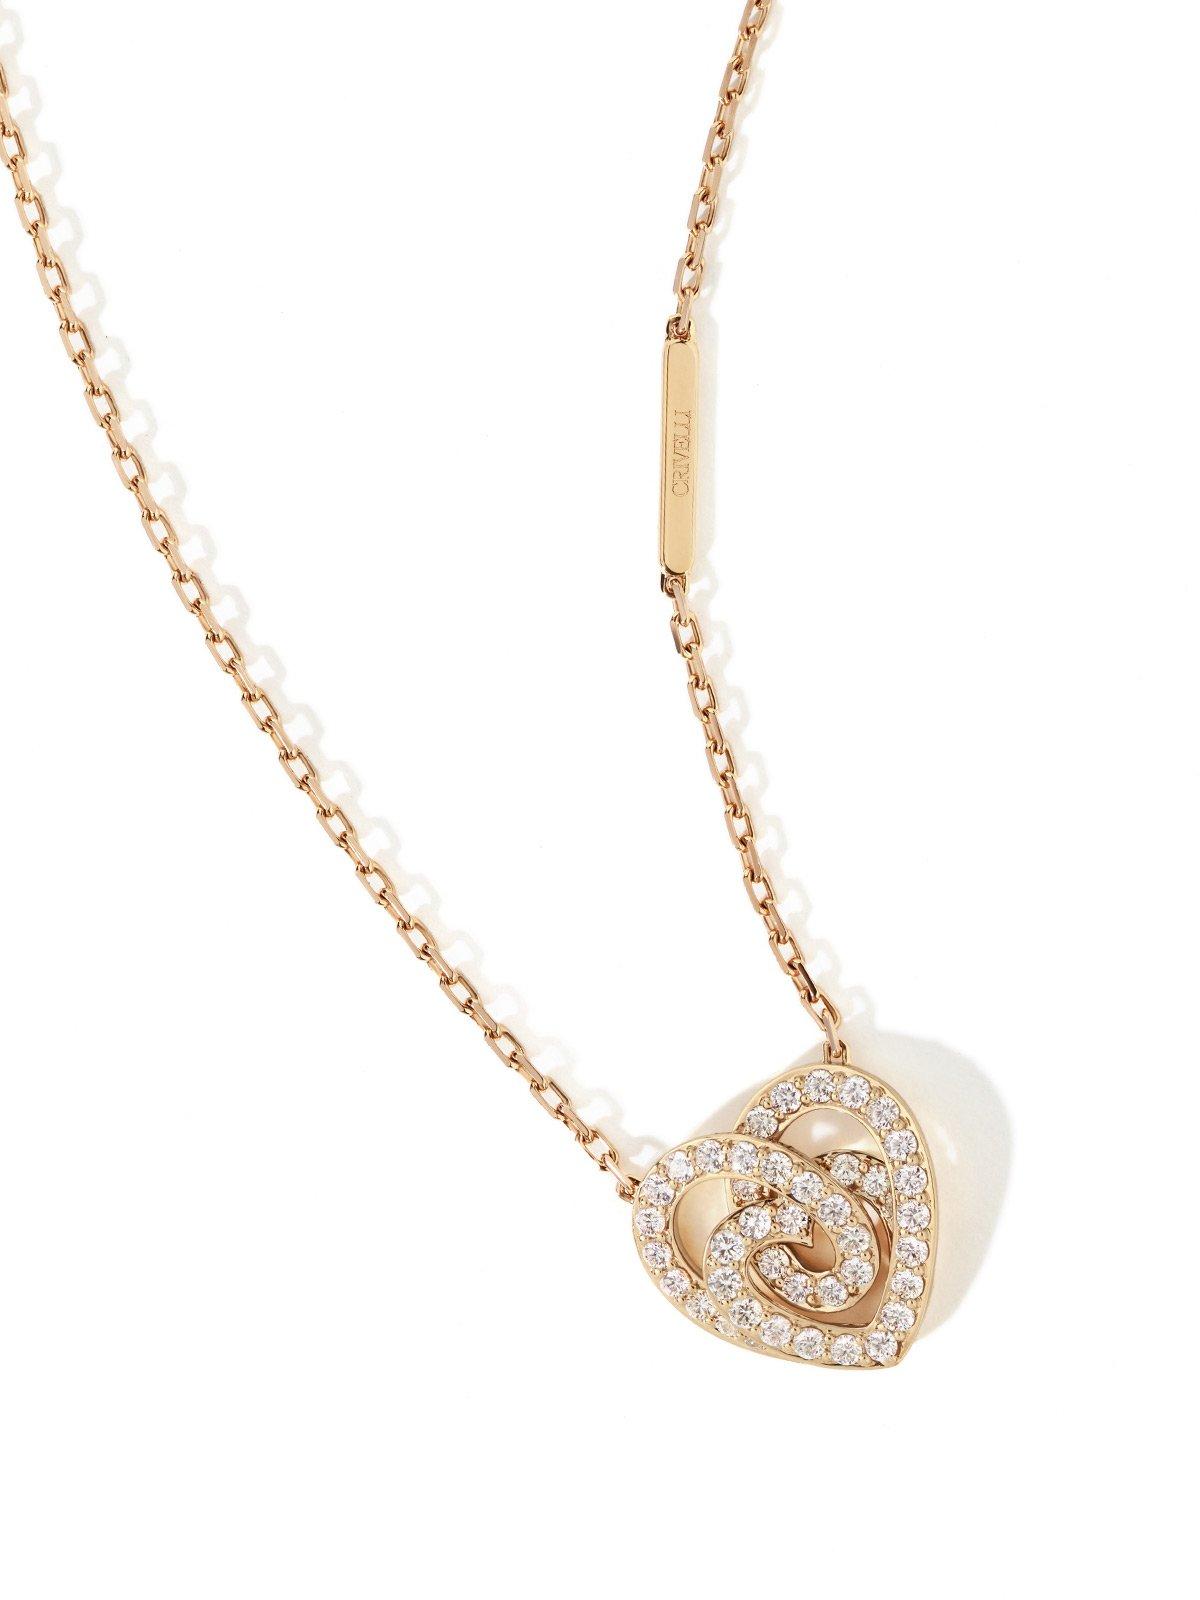 Collana INFINITO piccolo oro rosa full pavé | COLLEZIONE ORA PIÙ CHE MAI Crivelli